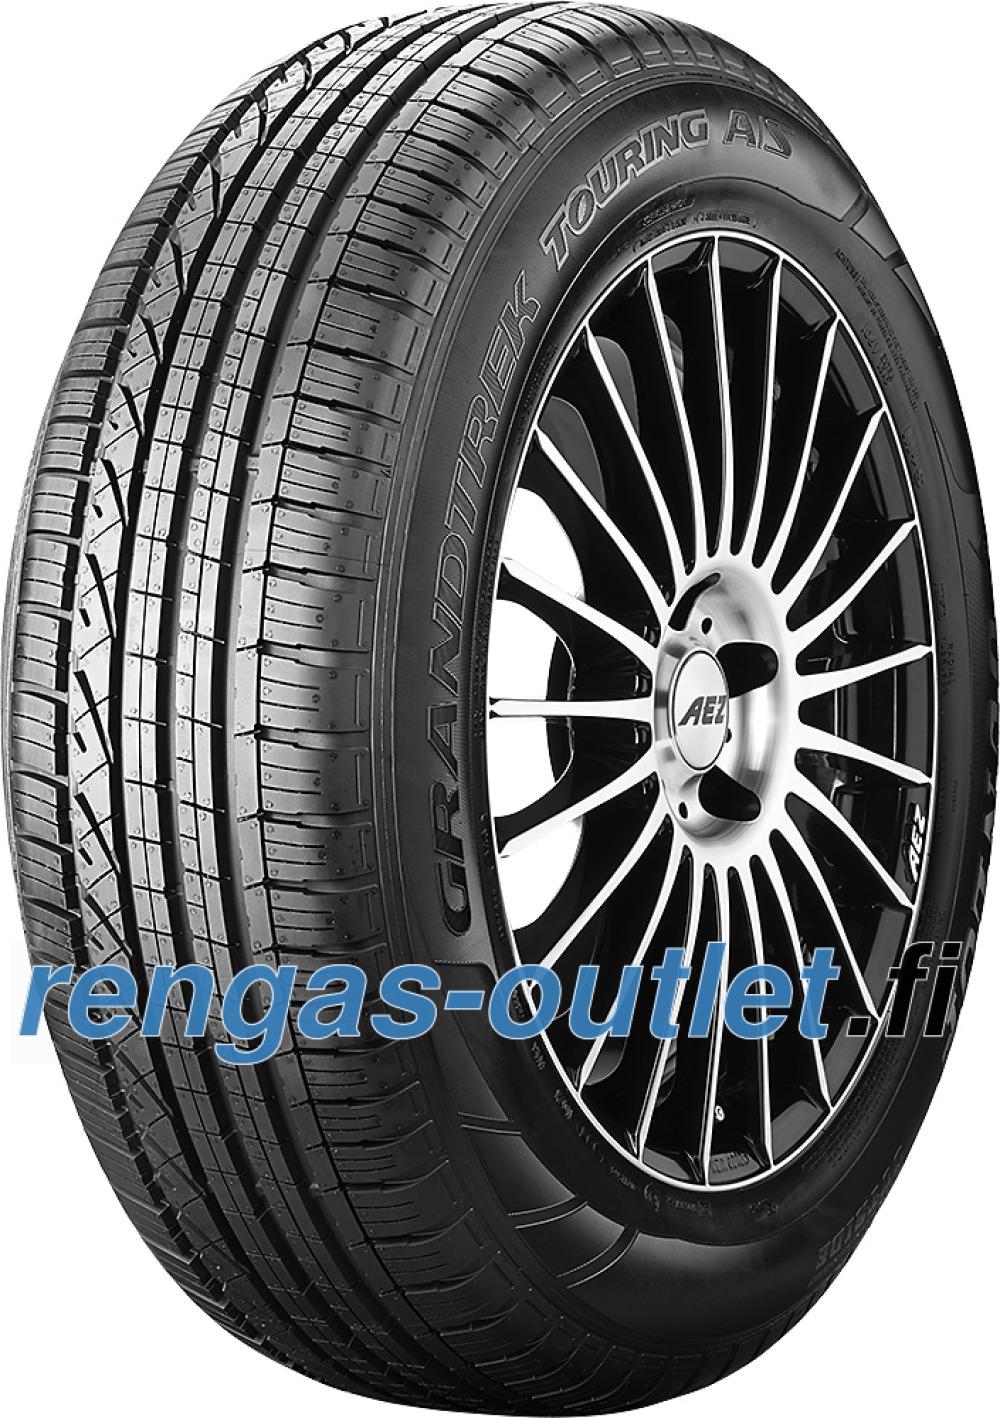 Dunlop Grandtrek Touring A/S ( 215/65 R16 98H , vannesuojalla (MFS) BLT )